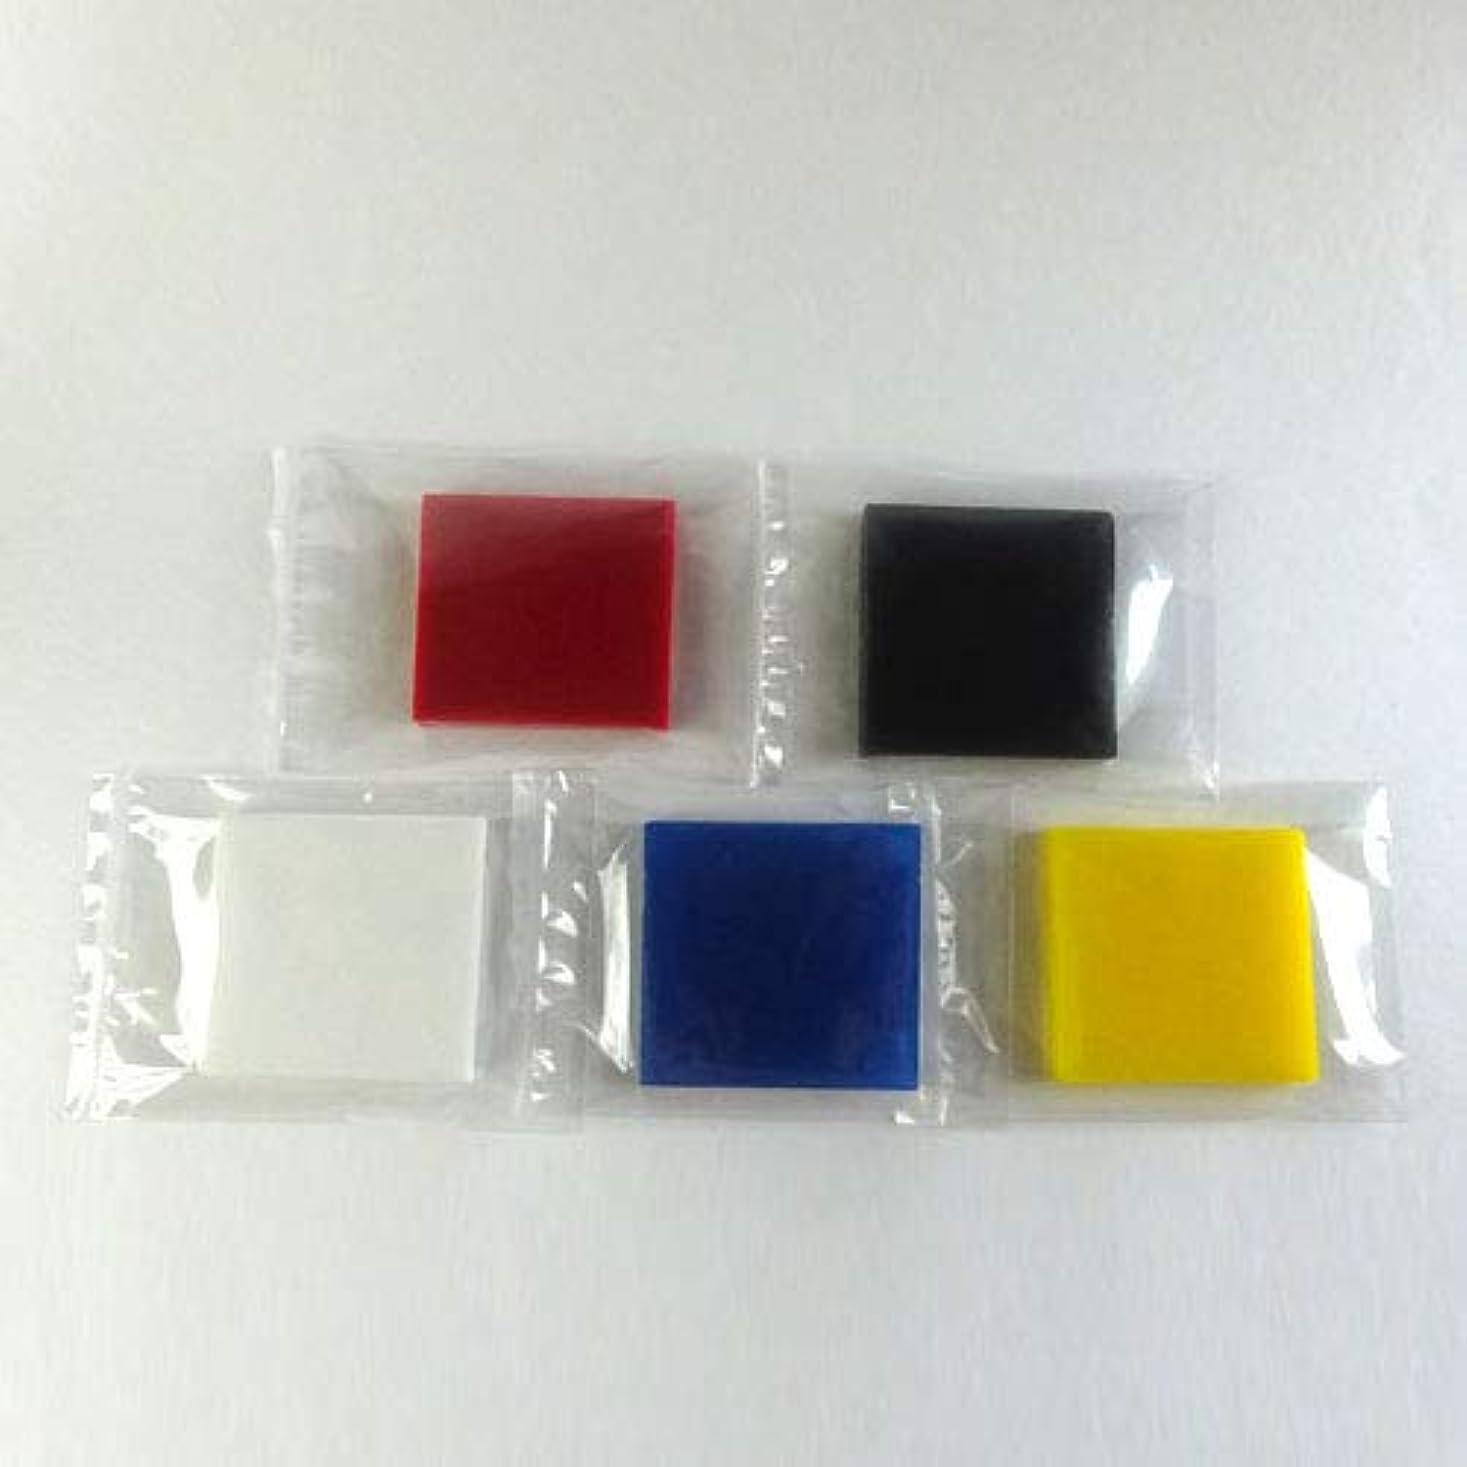 国家おなかがすいた競合他社選手グリセリンソープ MPソープ 色チップ 5色(赤?青?黄?白?黒) 各30g